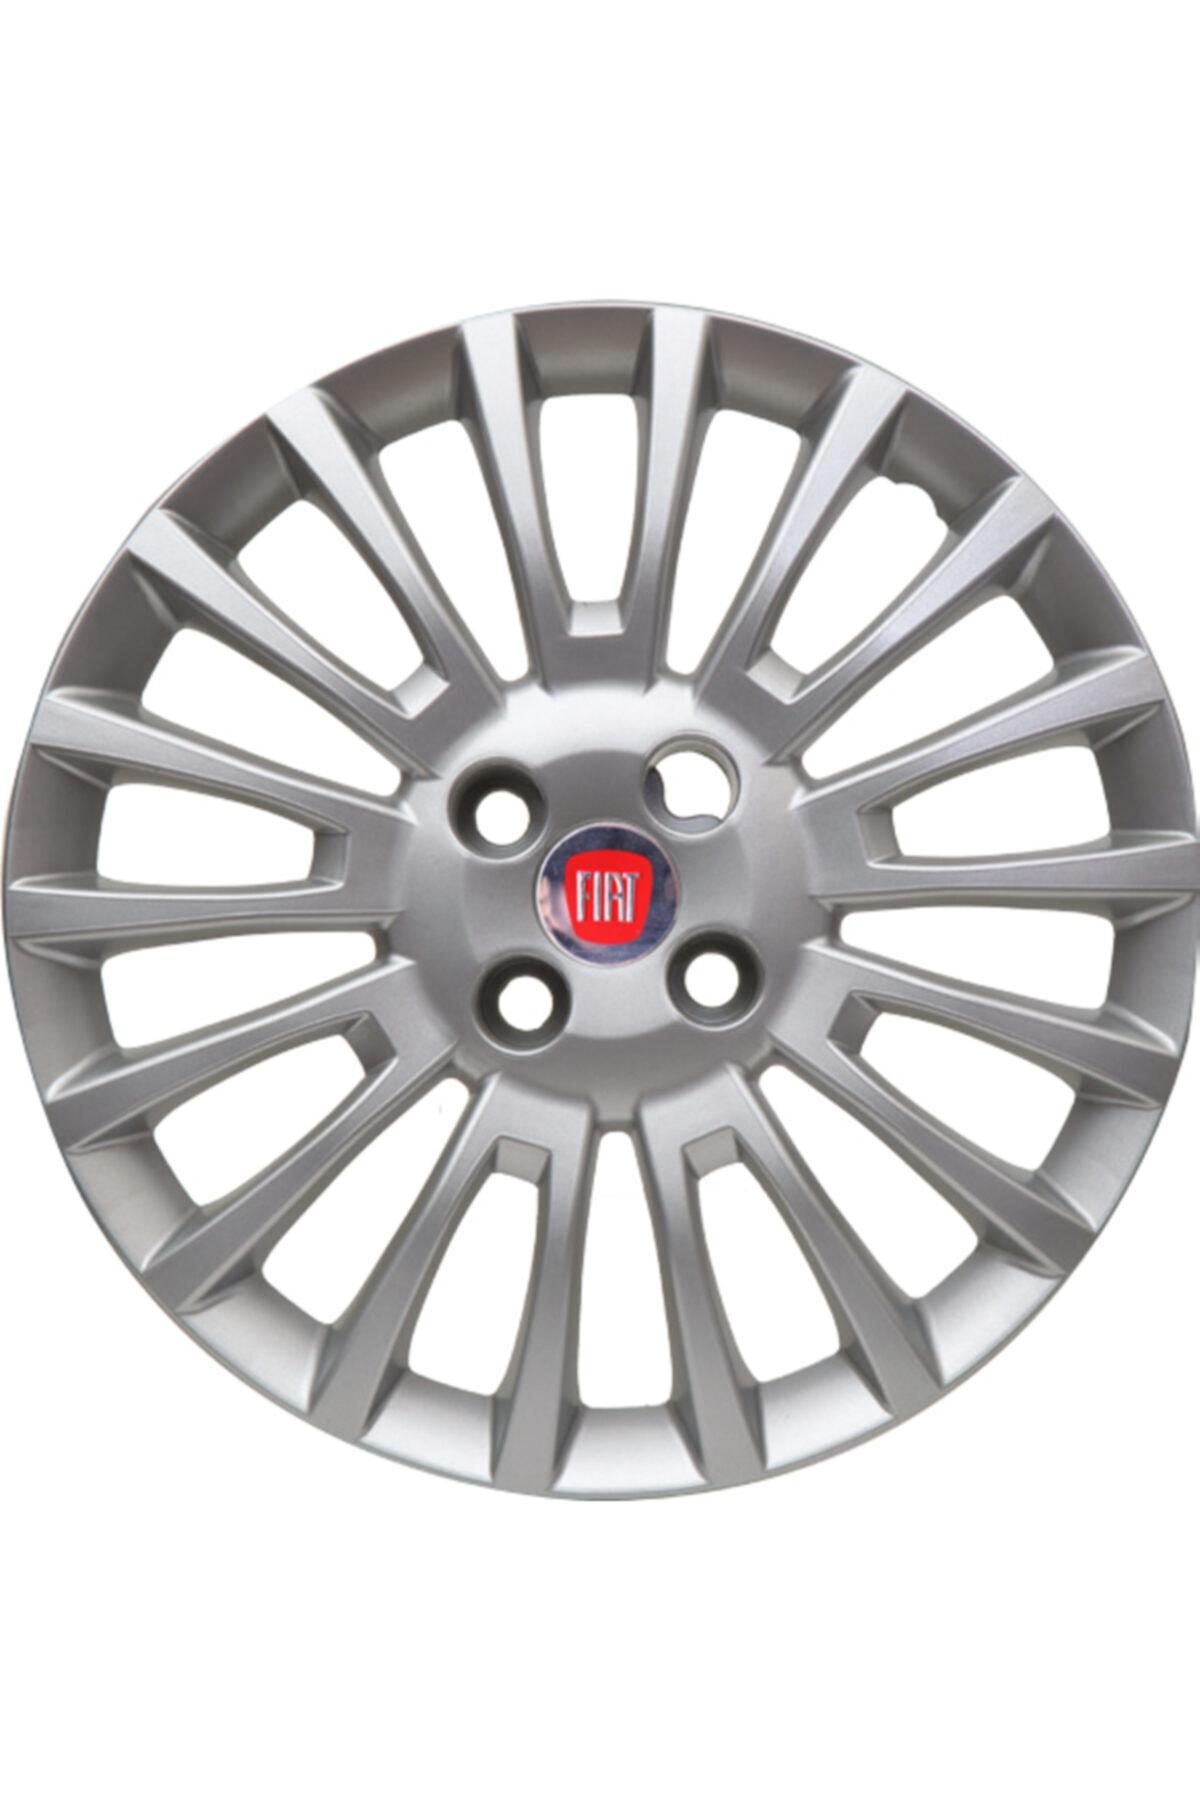 Fiat Linea (2007-2016) Jantest Fiat Linea 15 Inc Kırılmaz Esnek 4 Adet Jant Kapağı 1